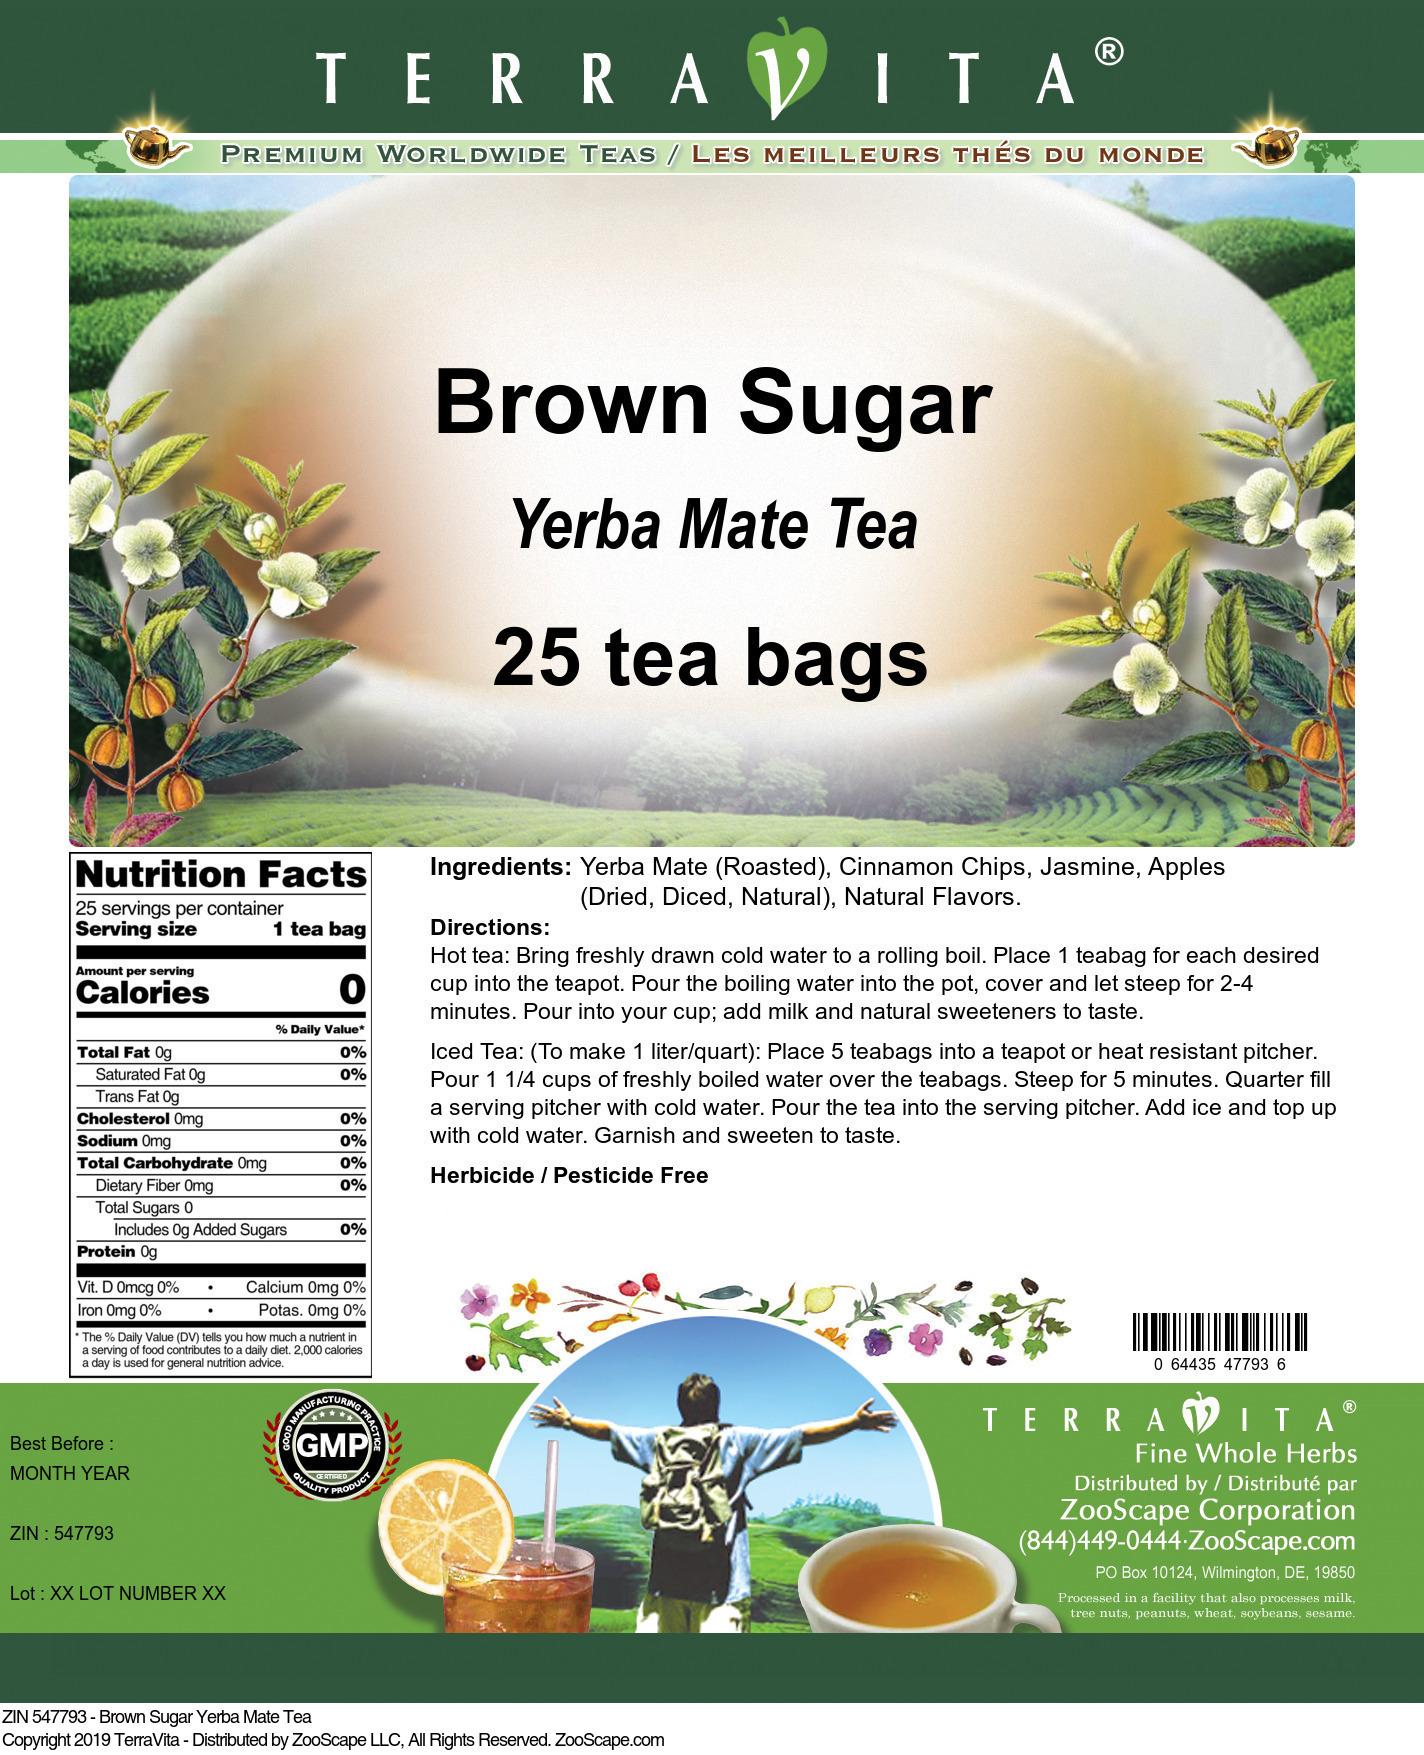 Brown Sugar Yerba Mate Tea